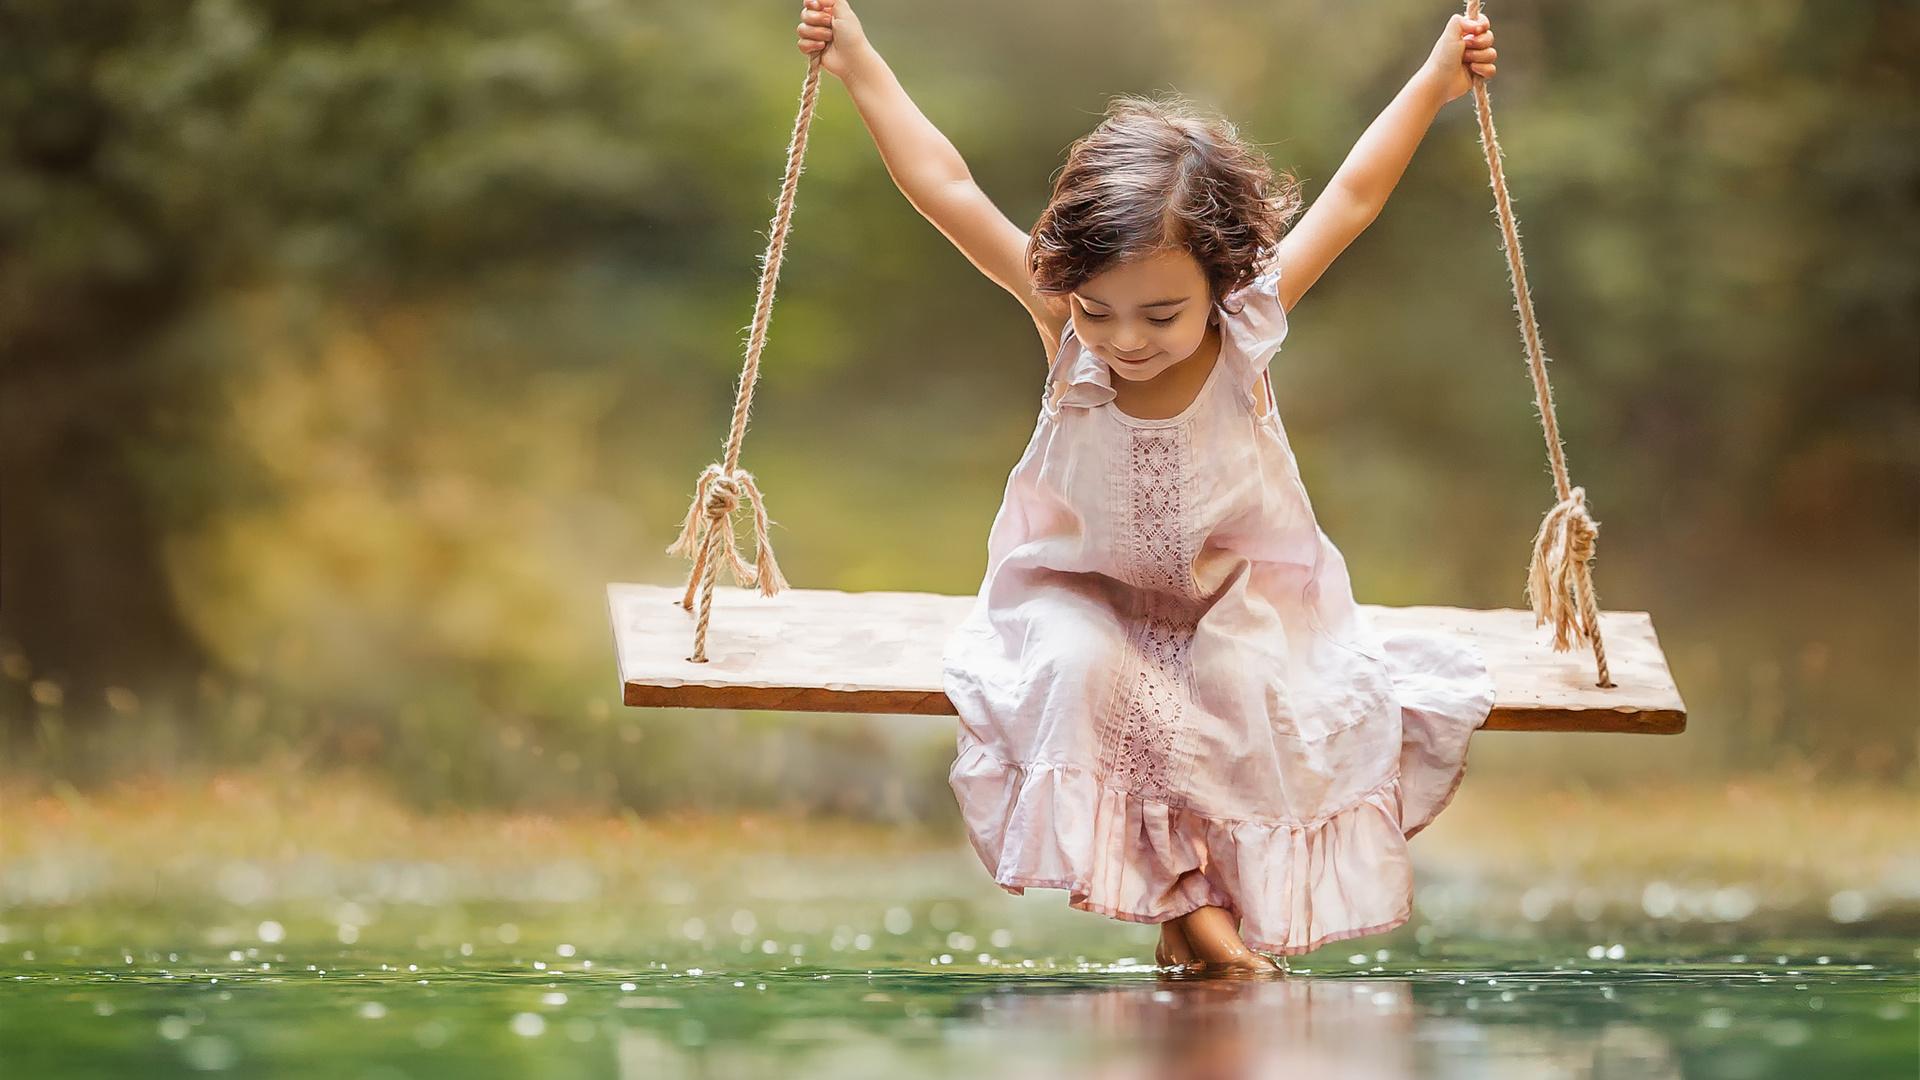 Обои качели, свобода, лето, радость. Настроения foto 19